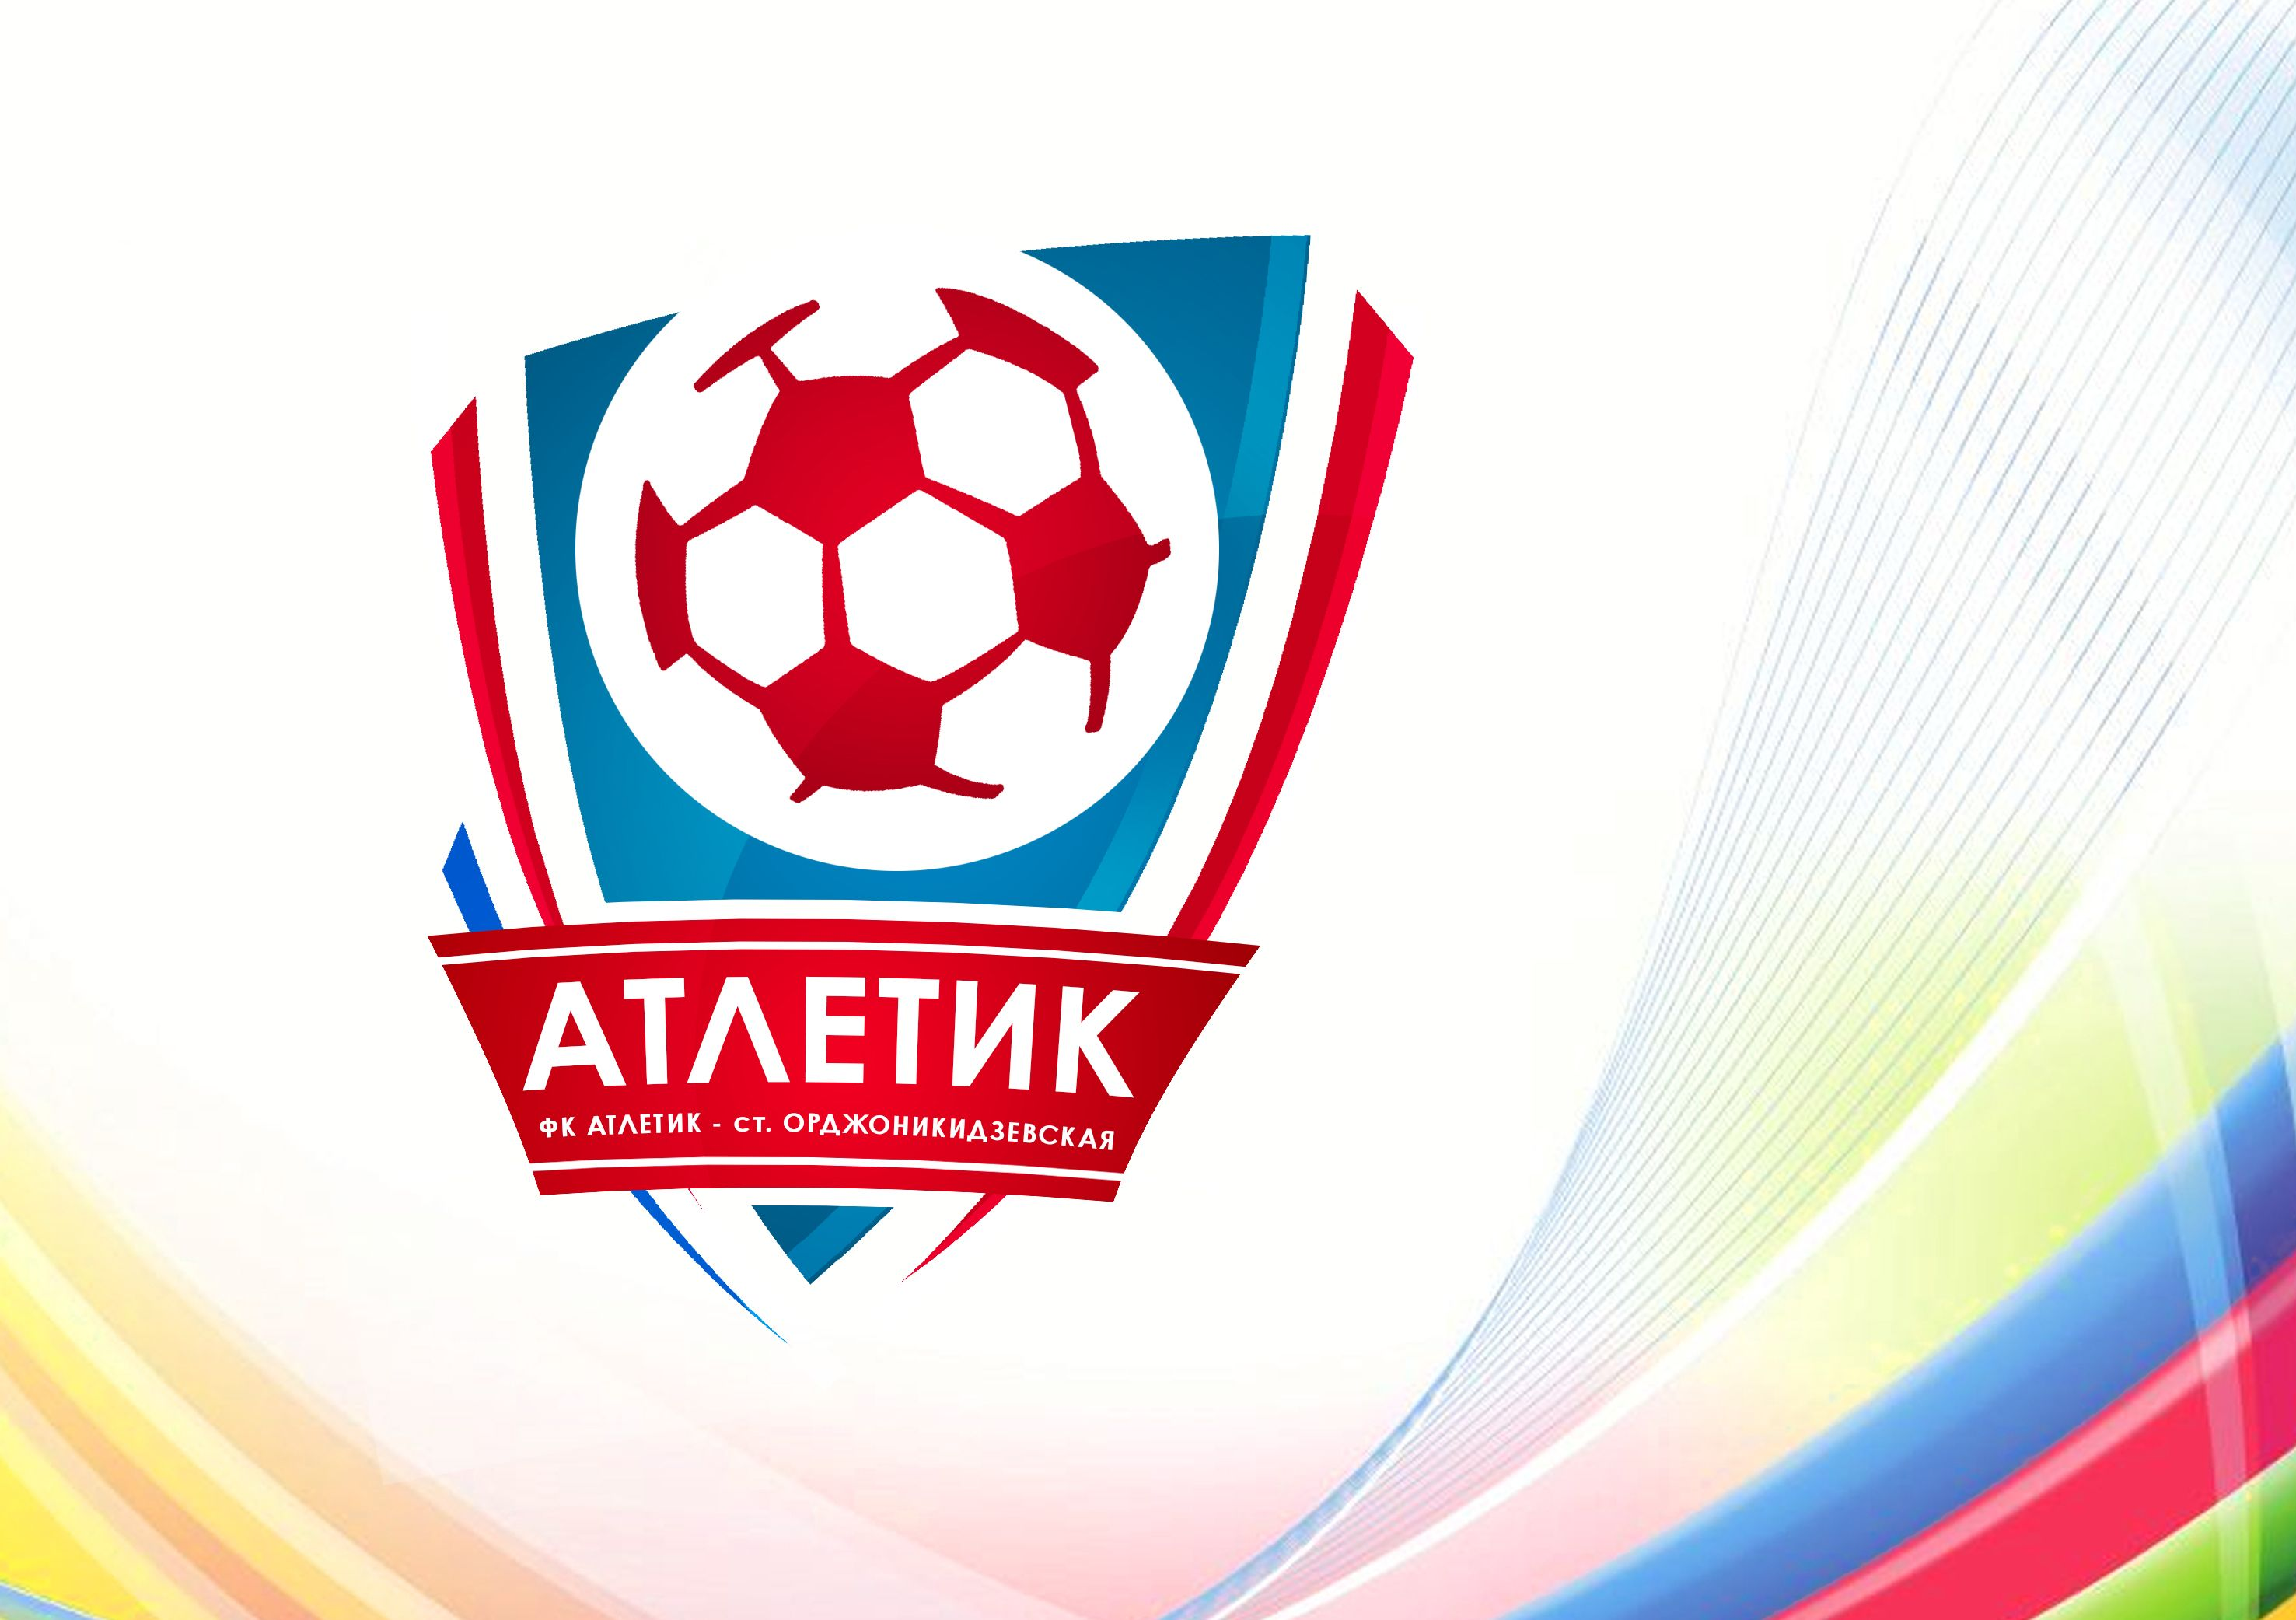 Логотип для Футбольного клуба  - дизайнер Lubomir